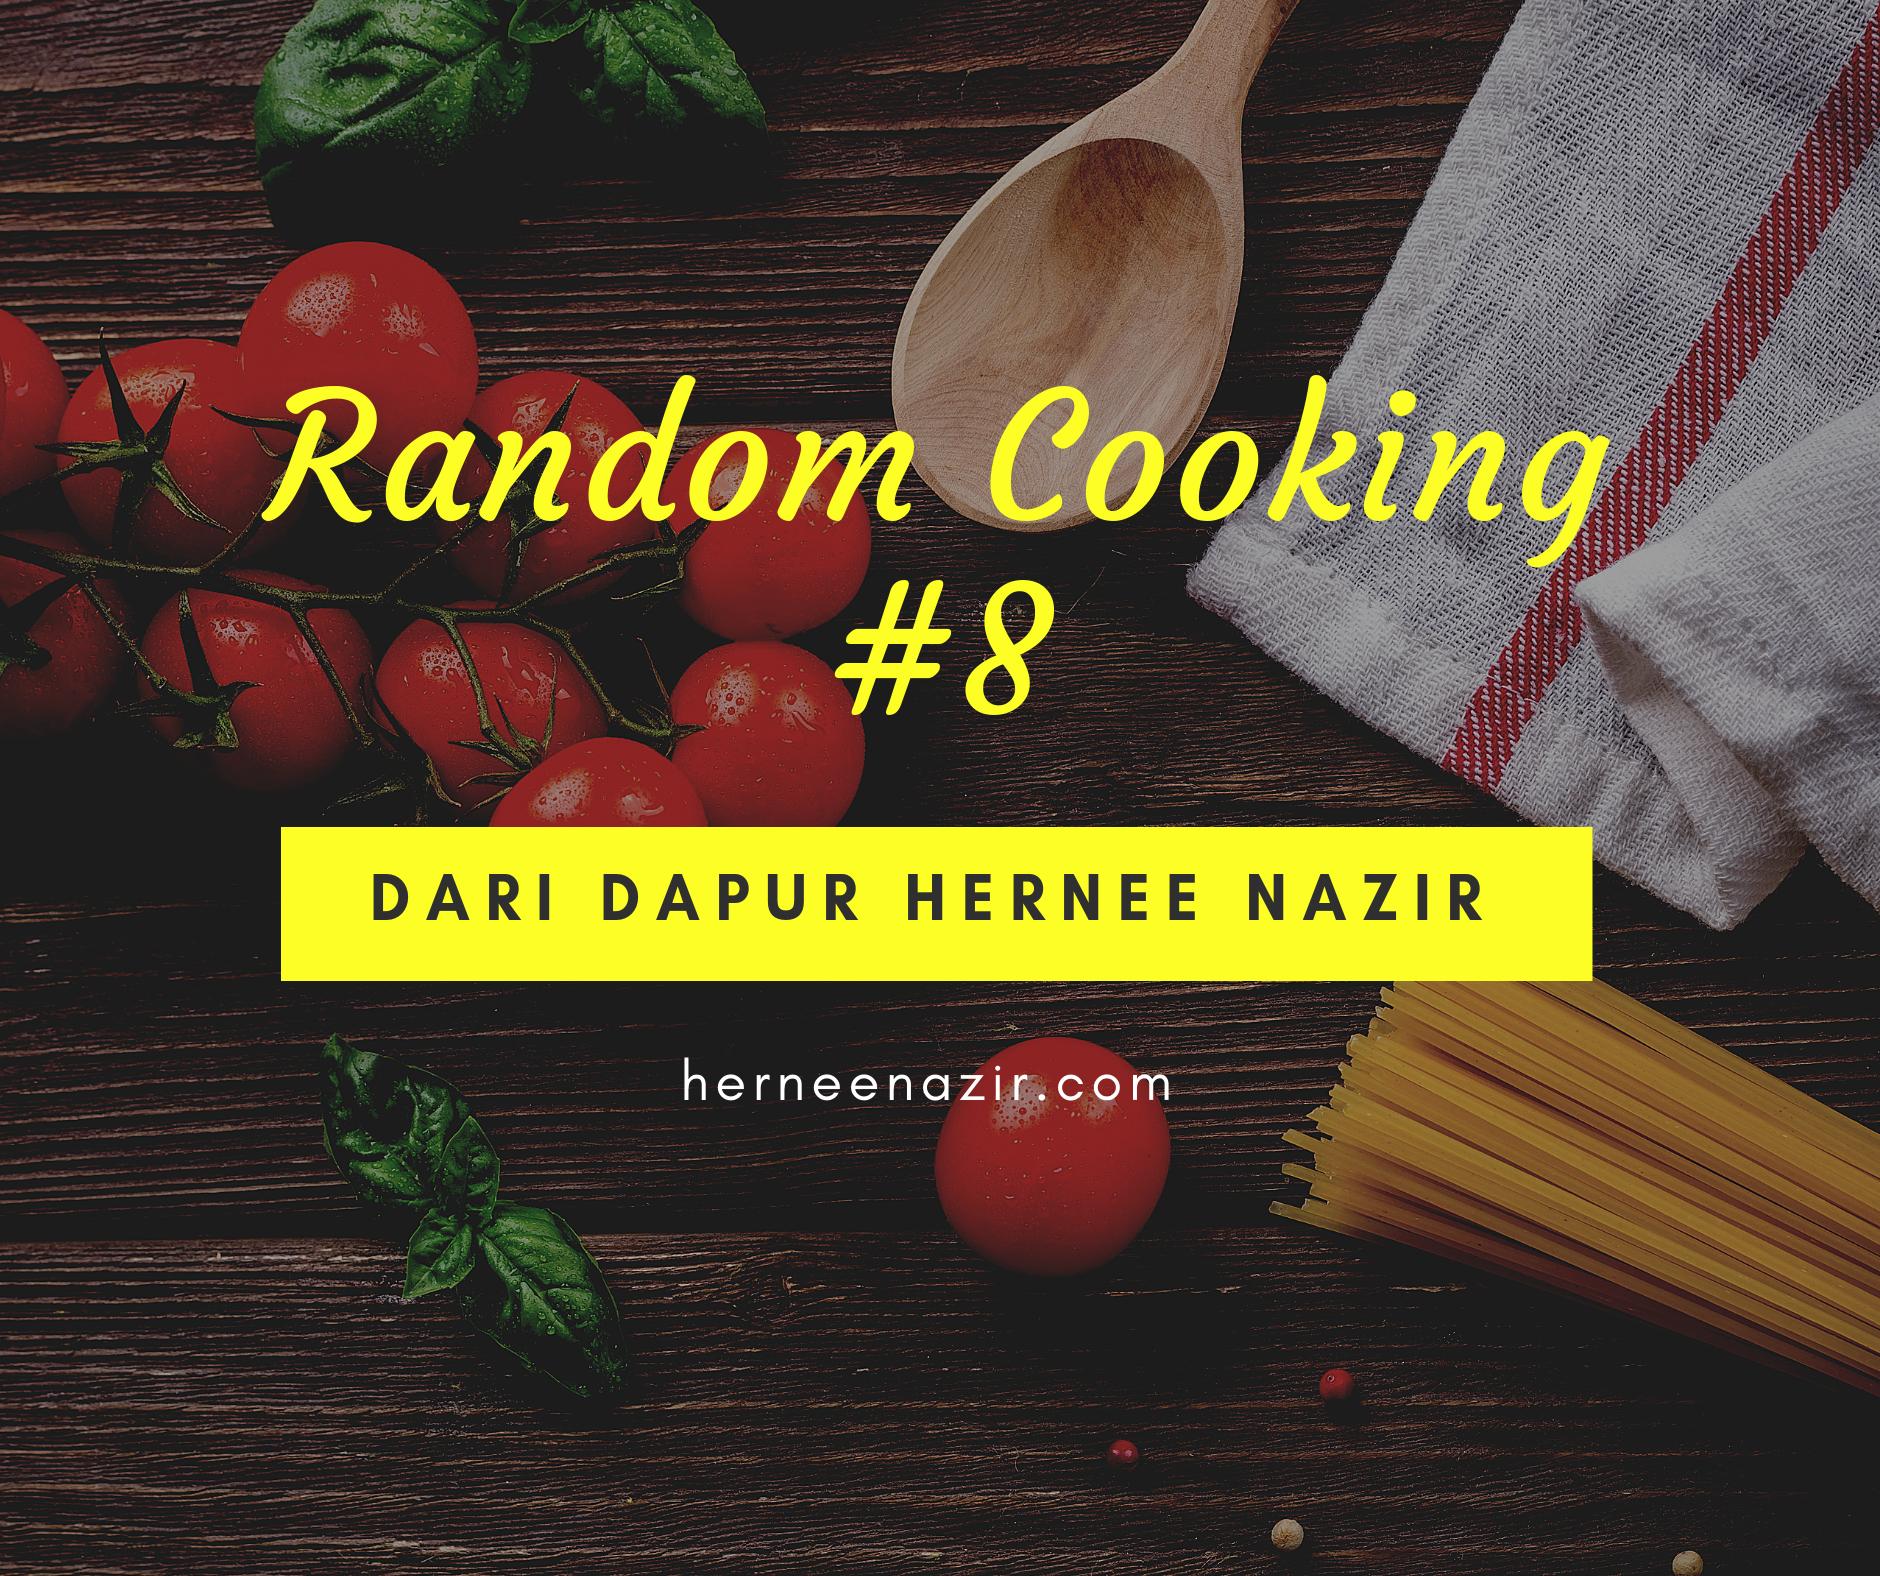 DDHN | Random Cooking #8